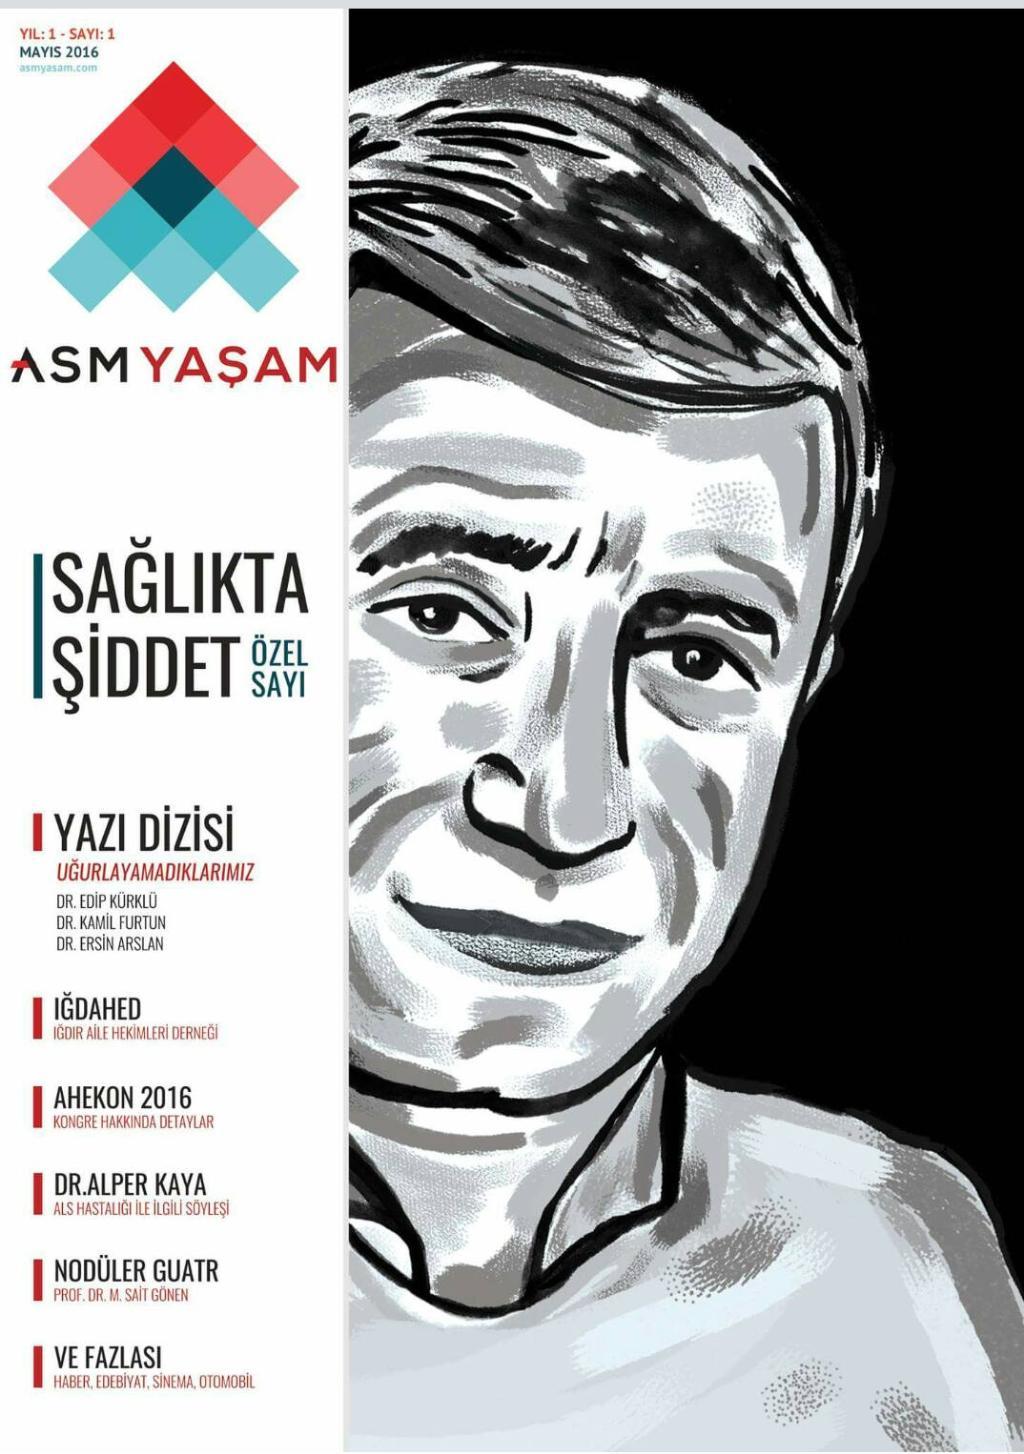 PANEL '' SAĞLIKTA ŞİDDETİ DURDURUYORUZ'' 28 MAYIS SAMSUN